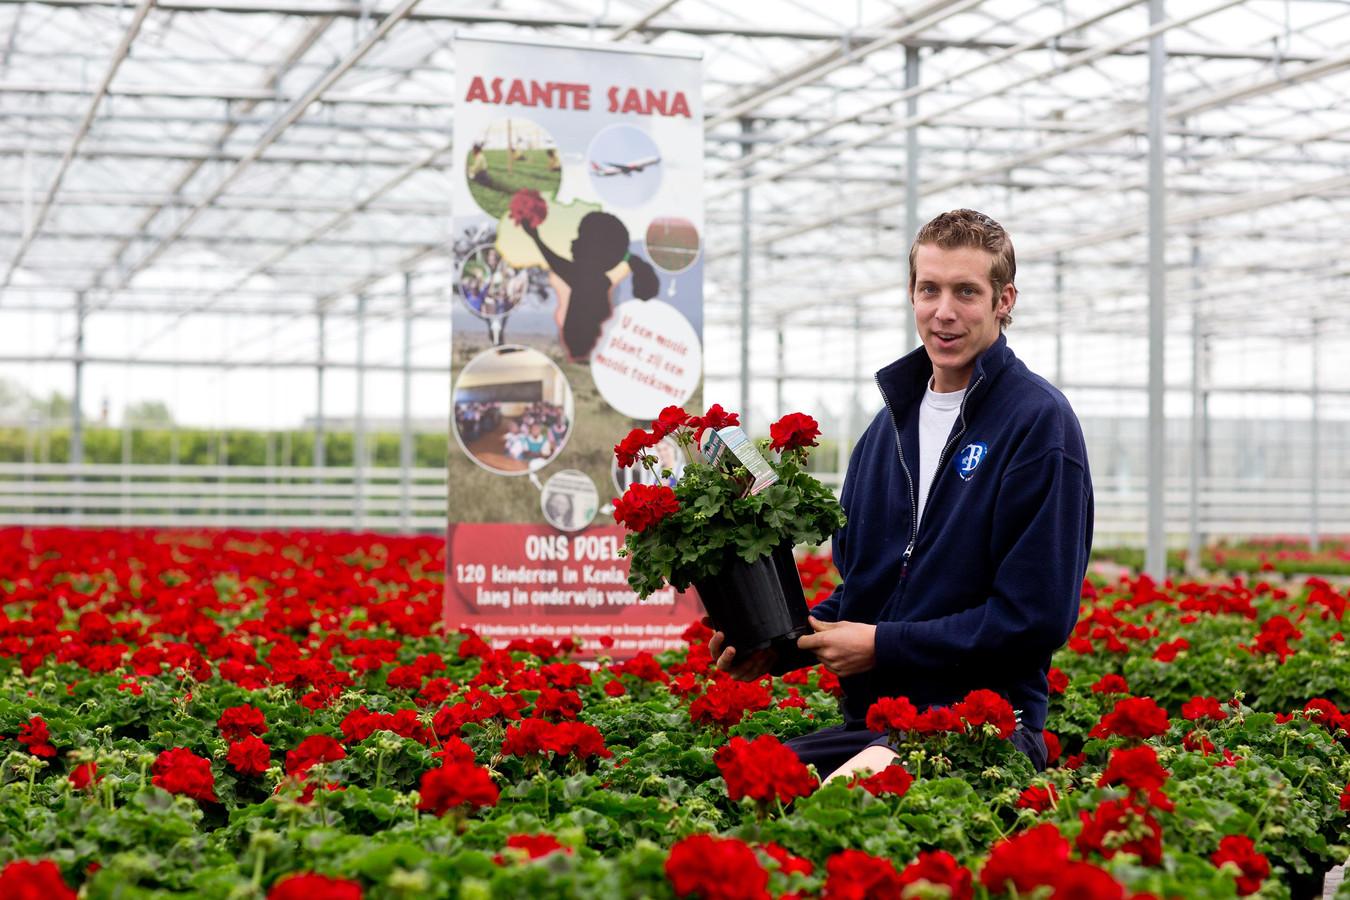 Walter van den Berg tussen de geraniums, die worden verkocht voor het goede doel Asante Sana.